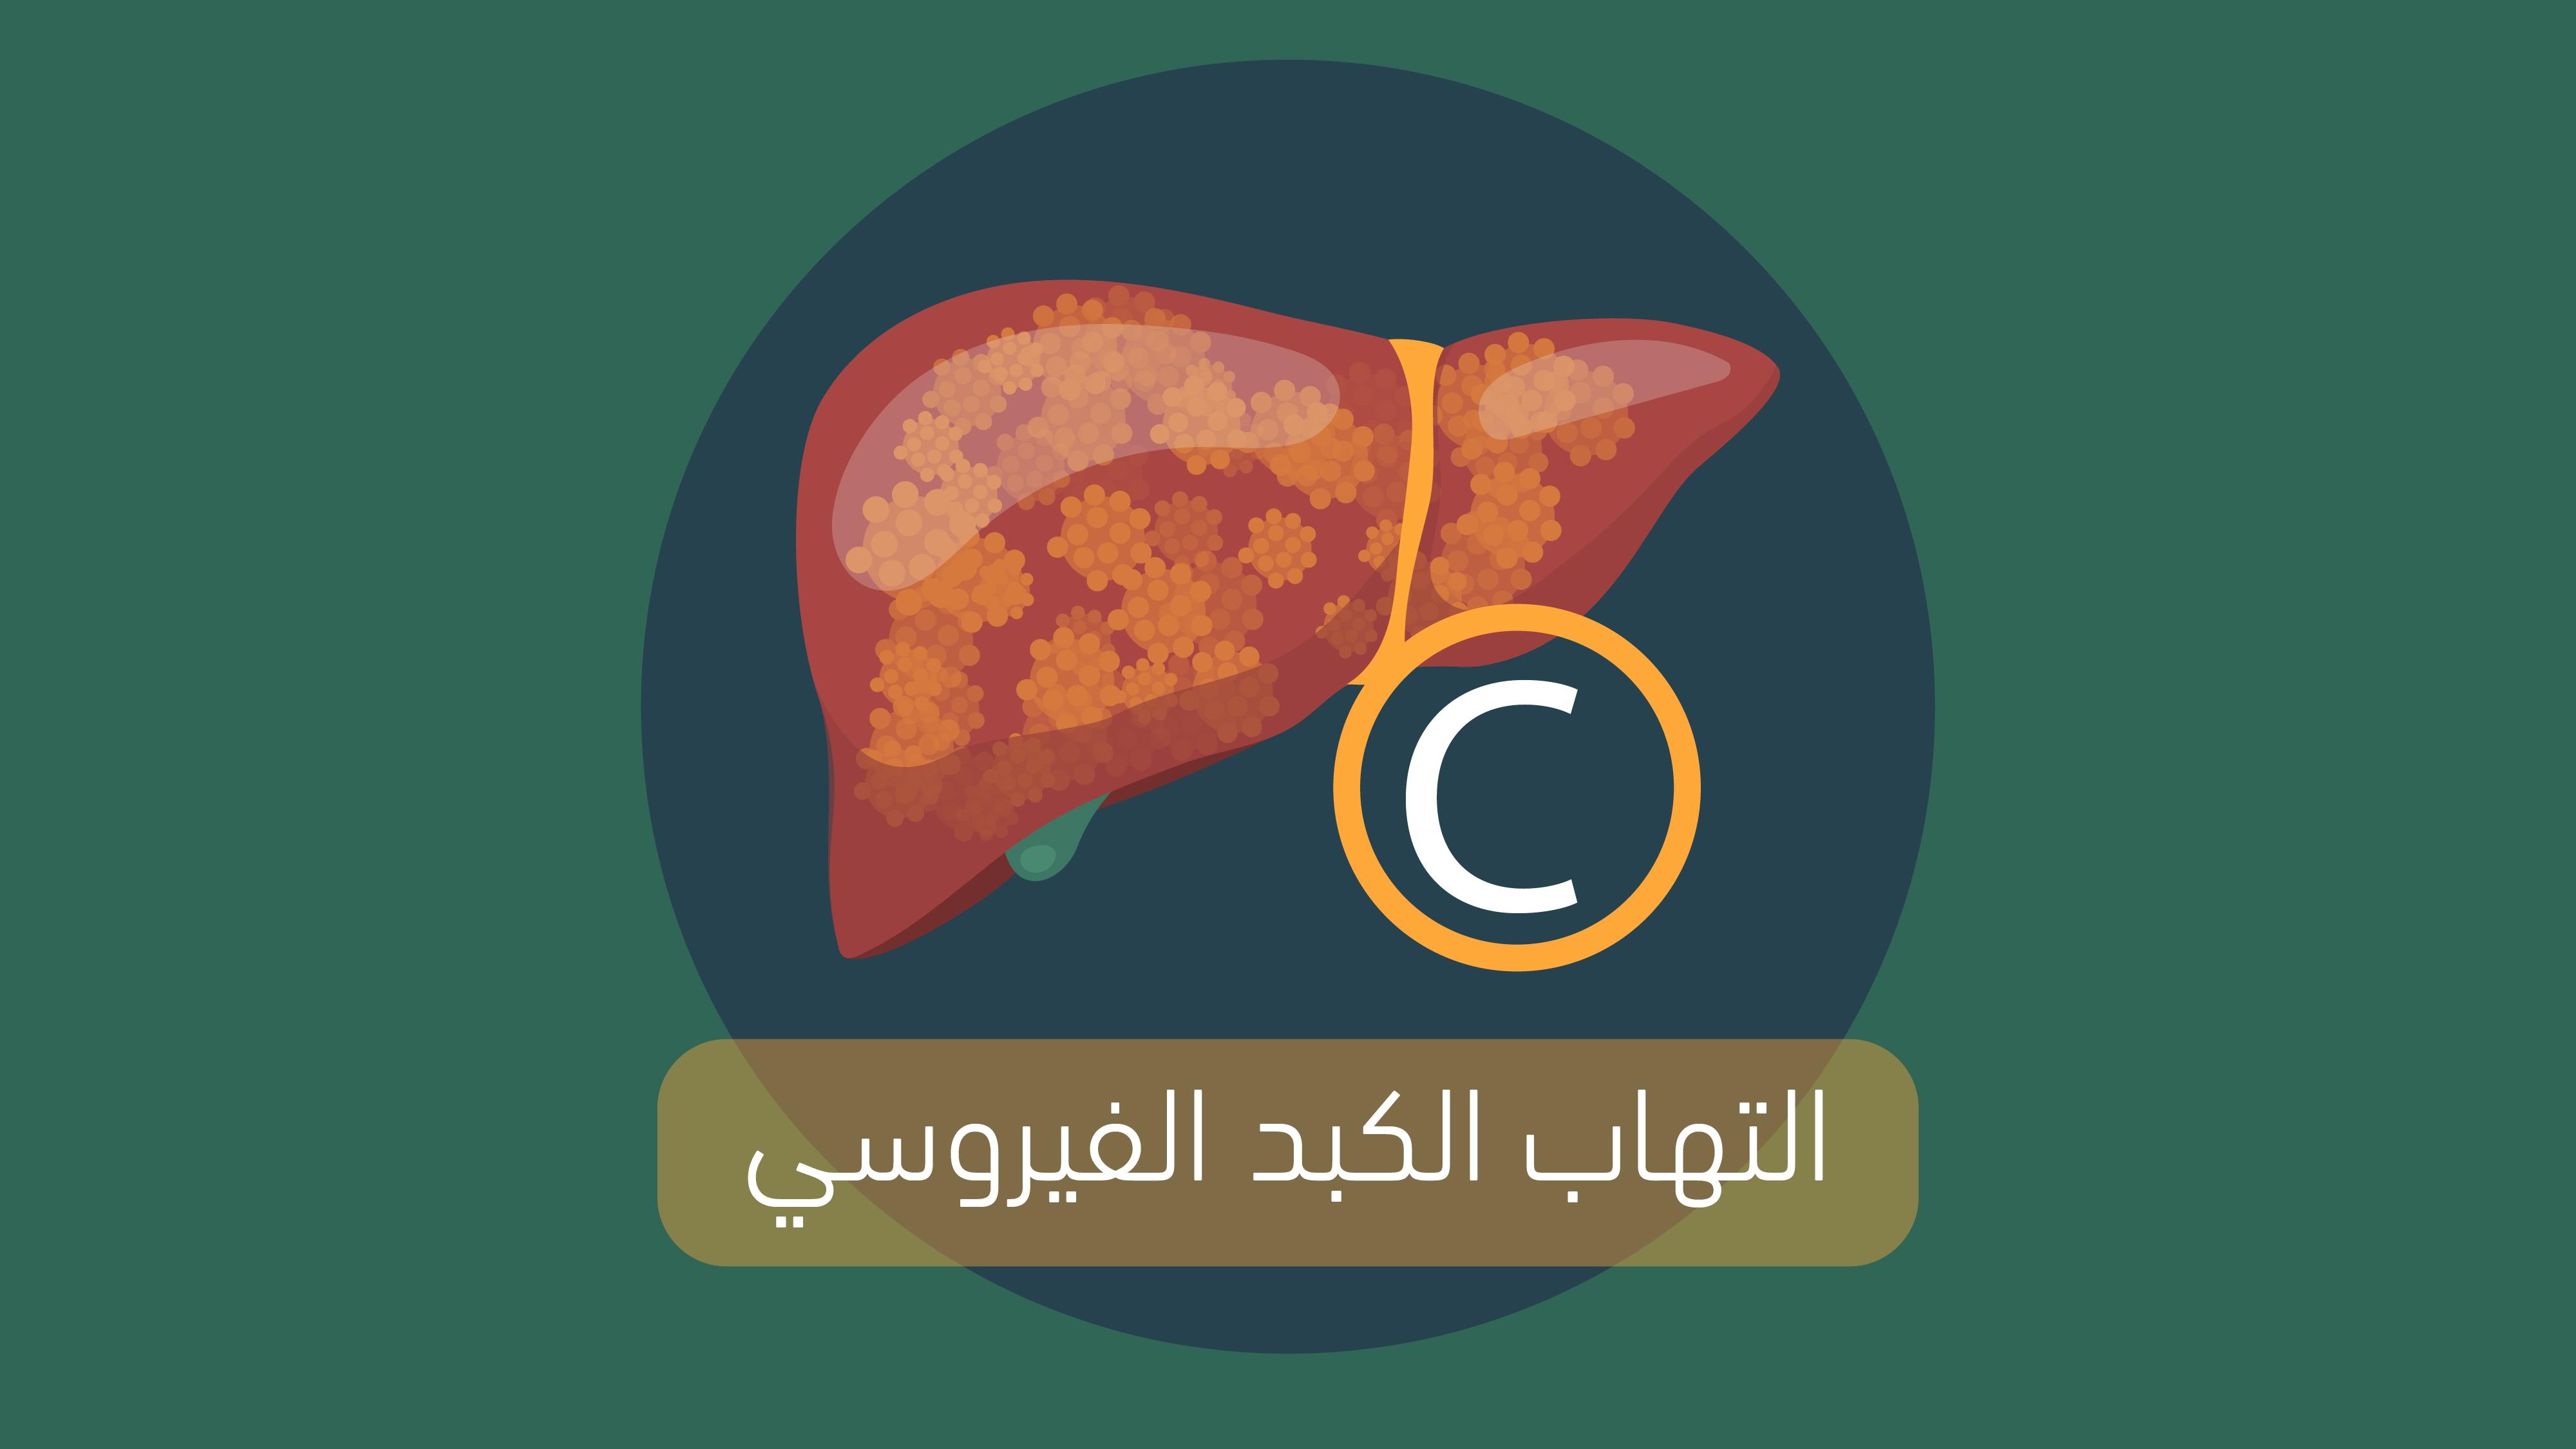 التهاب الكبد الوبائى الفيروسى سى